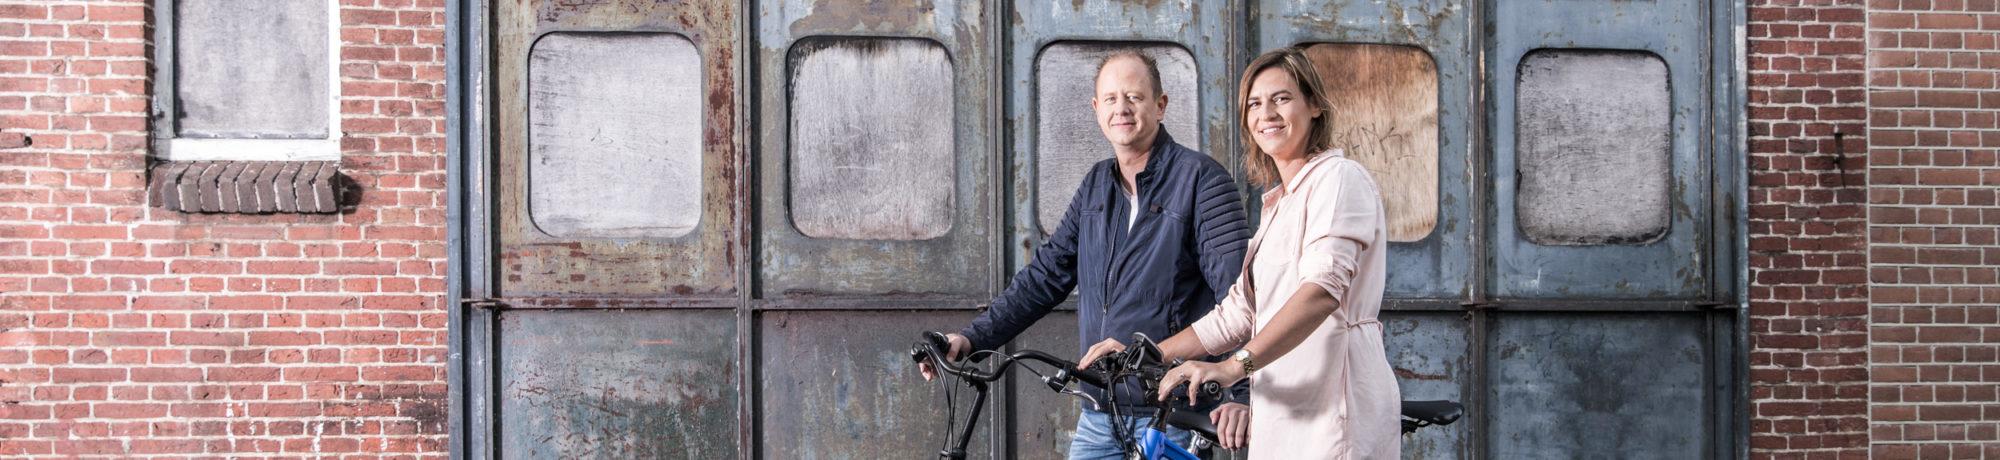 U kunt de ENRA fietsverzekering bij Piest in de winkel afsluiten